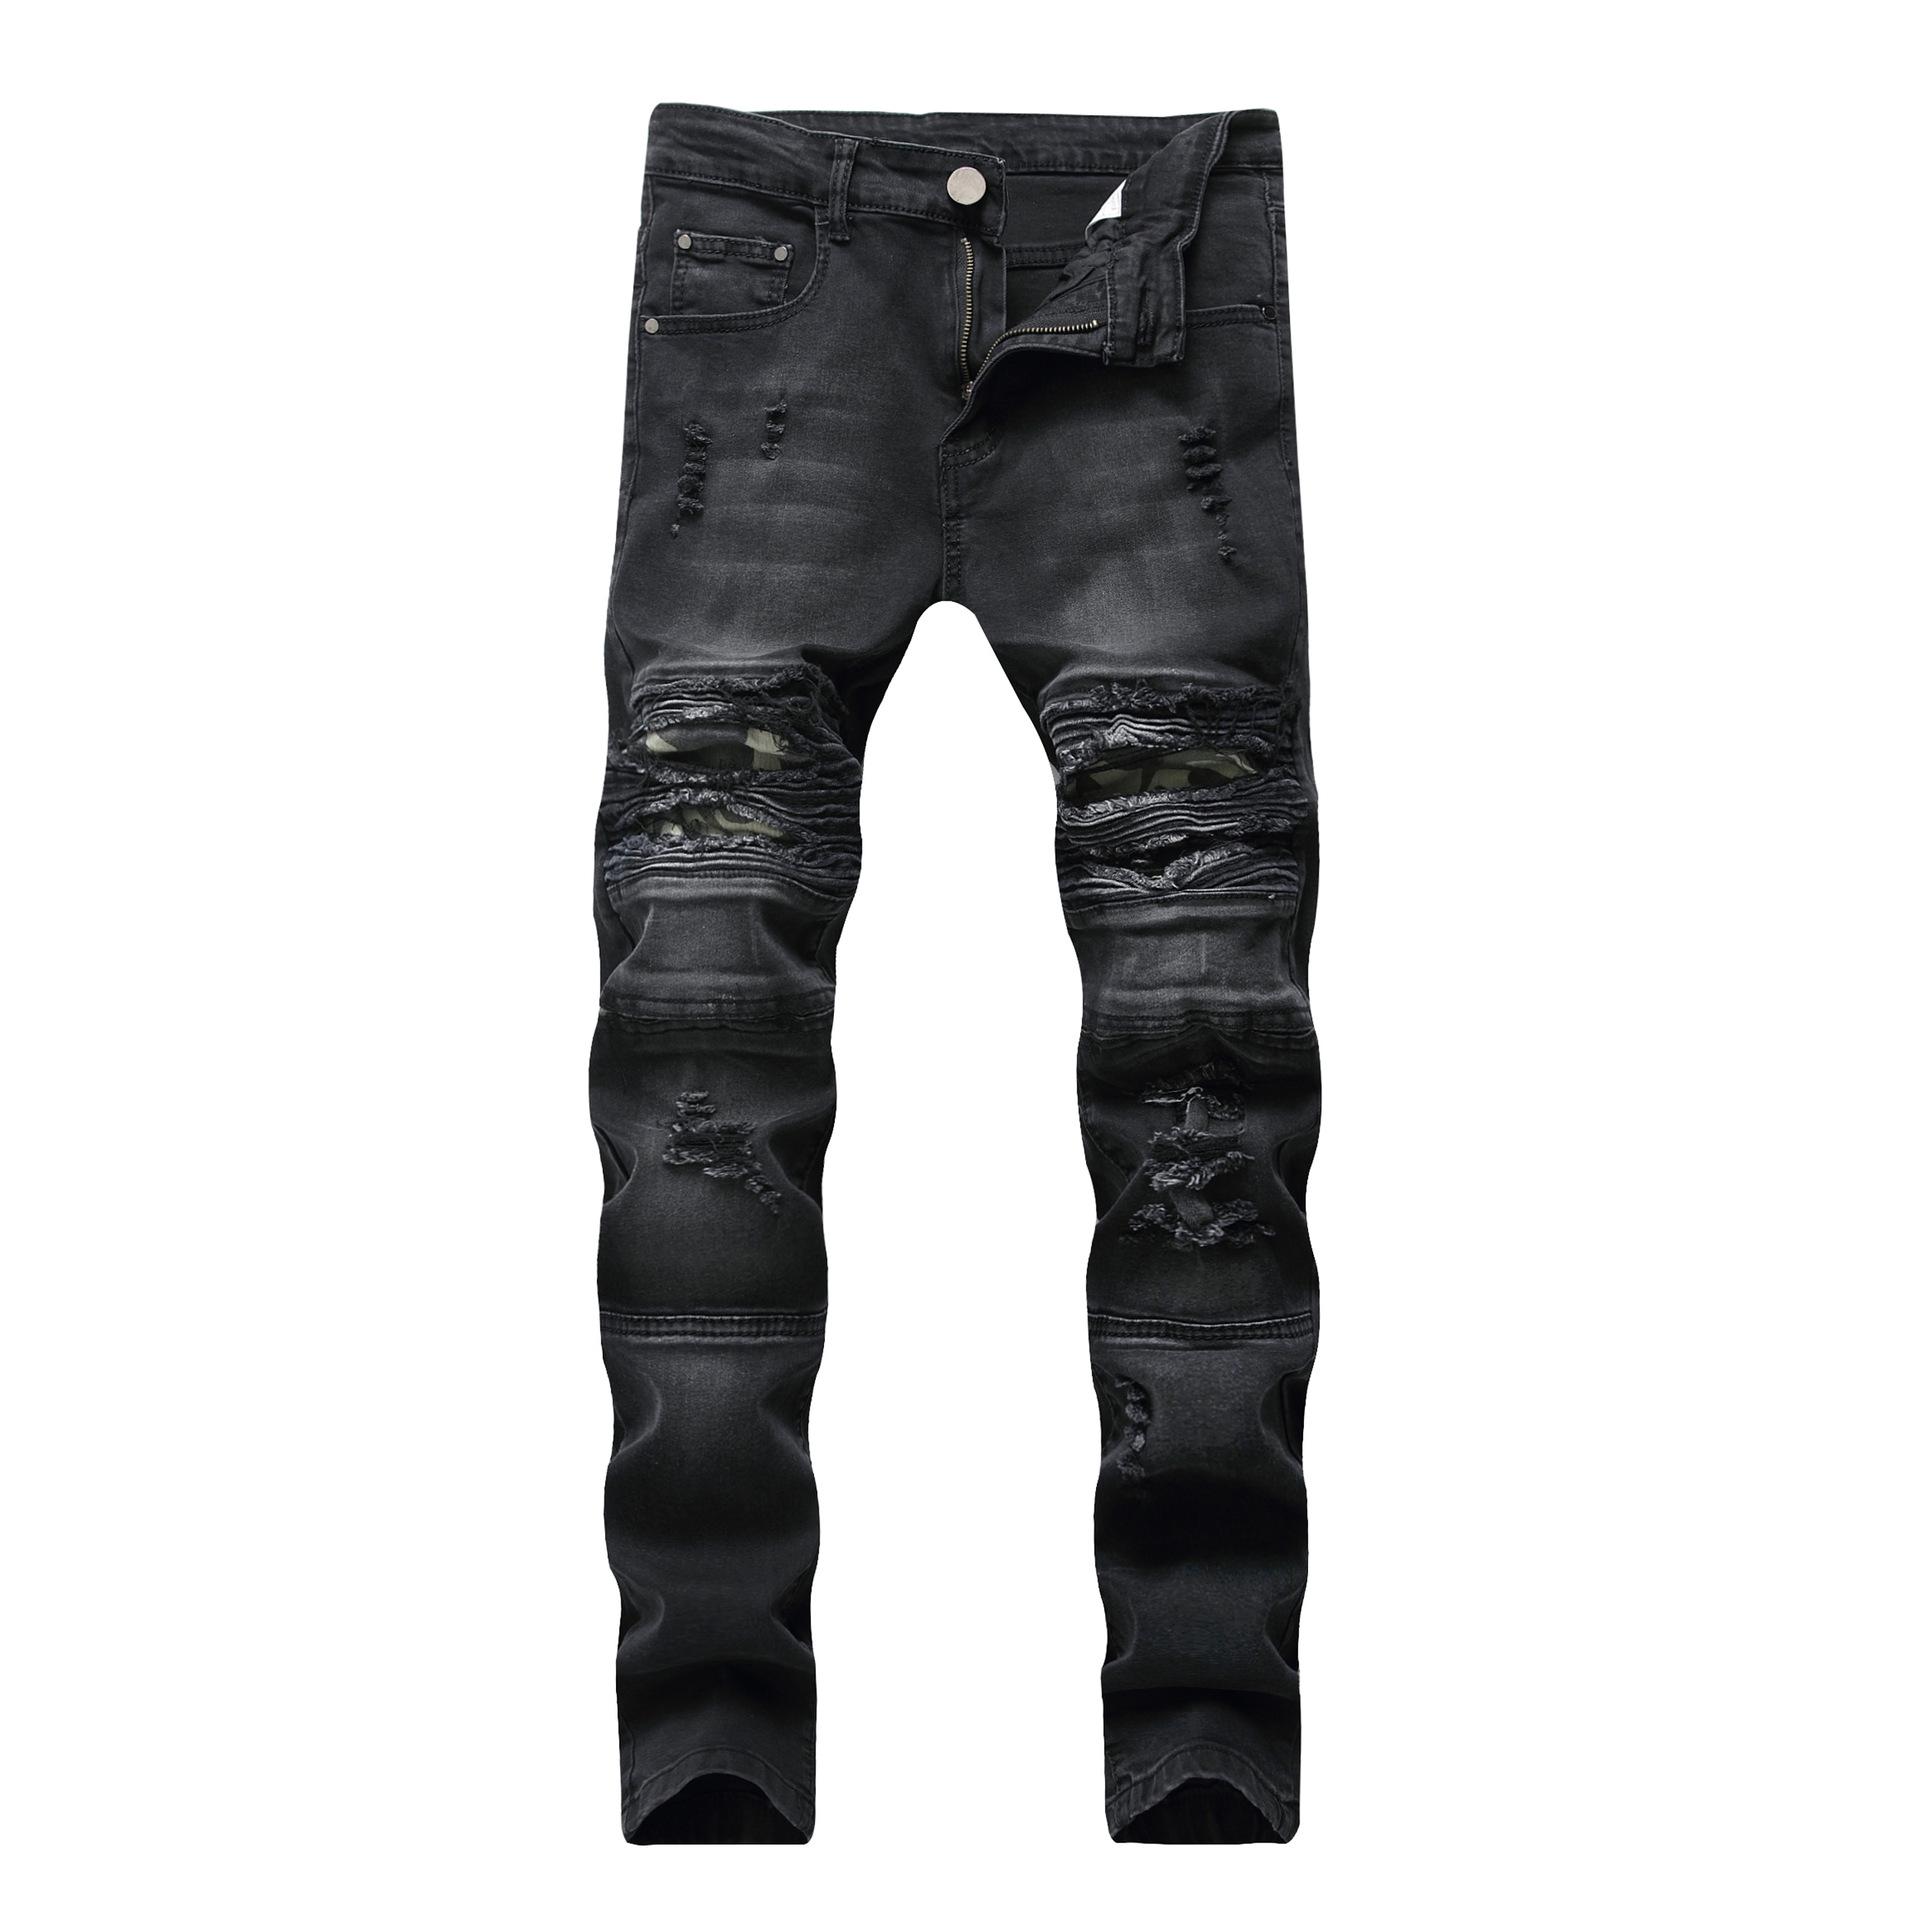 Los Hombres Esta Roto Pies Elasticos De Corte Slim Casual Jeans De Camuflaje Pantalones De Los Hombres De Diseno Unico Pantalones Vaqueros De Tipos De La Calle Vaqueros Buy Tipos De